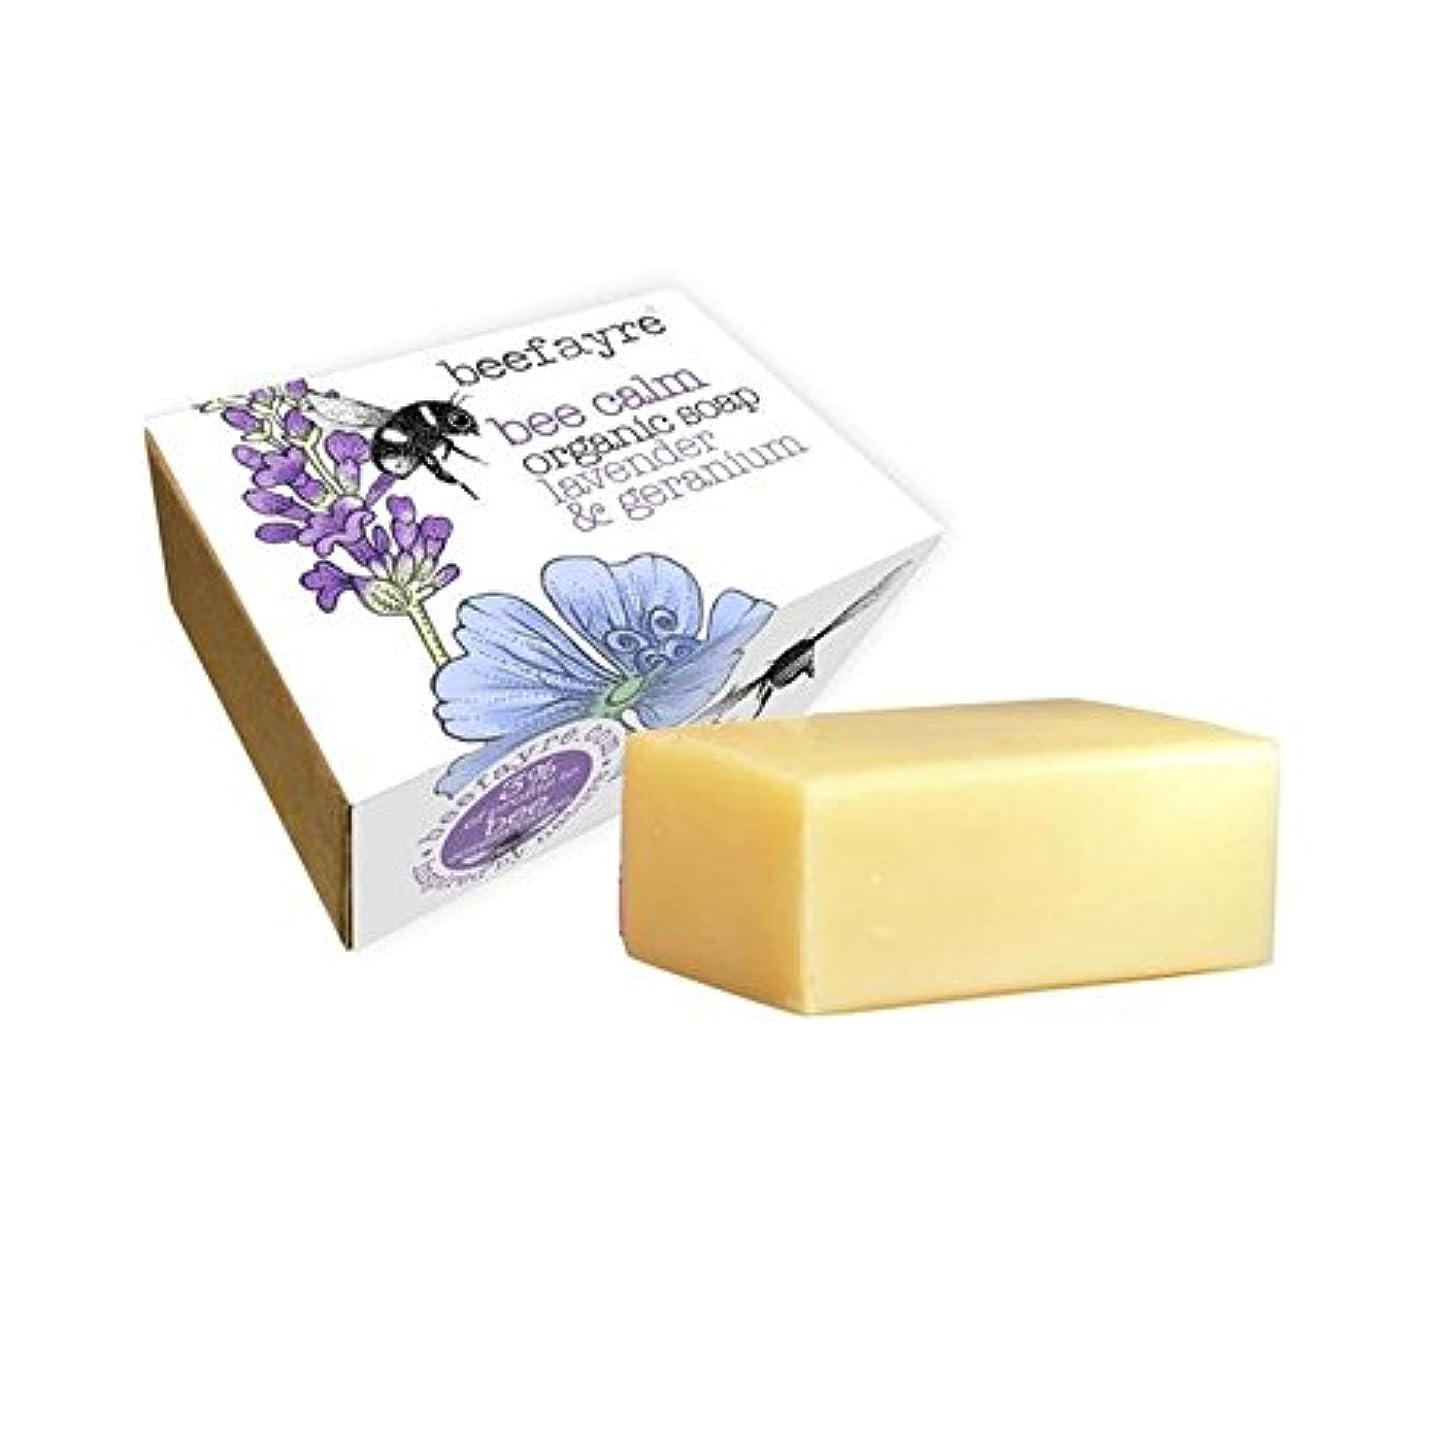 怖い彼女の池Beefayre Organic Geranium & Lavender Soap (Pack of 6) - 有機ゼラニウム&ラベンダー石鹸 x6 [並行輸入品]